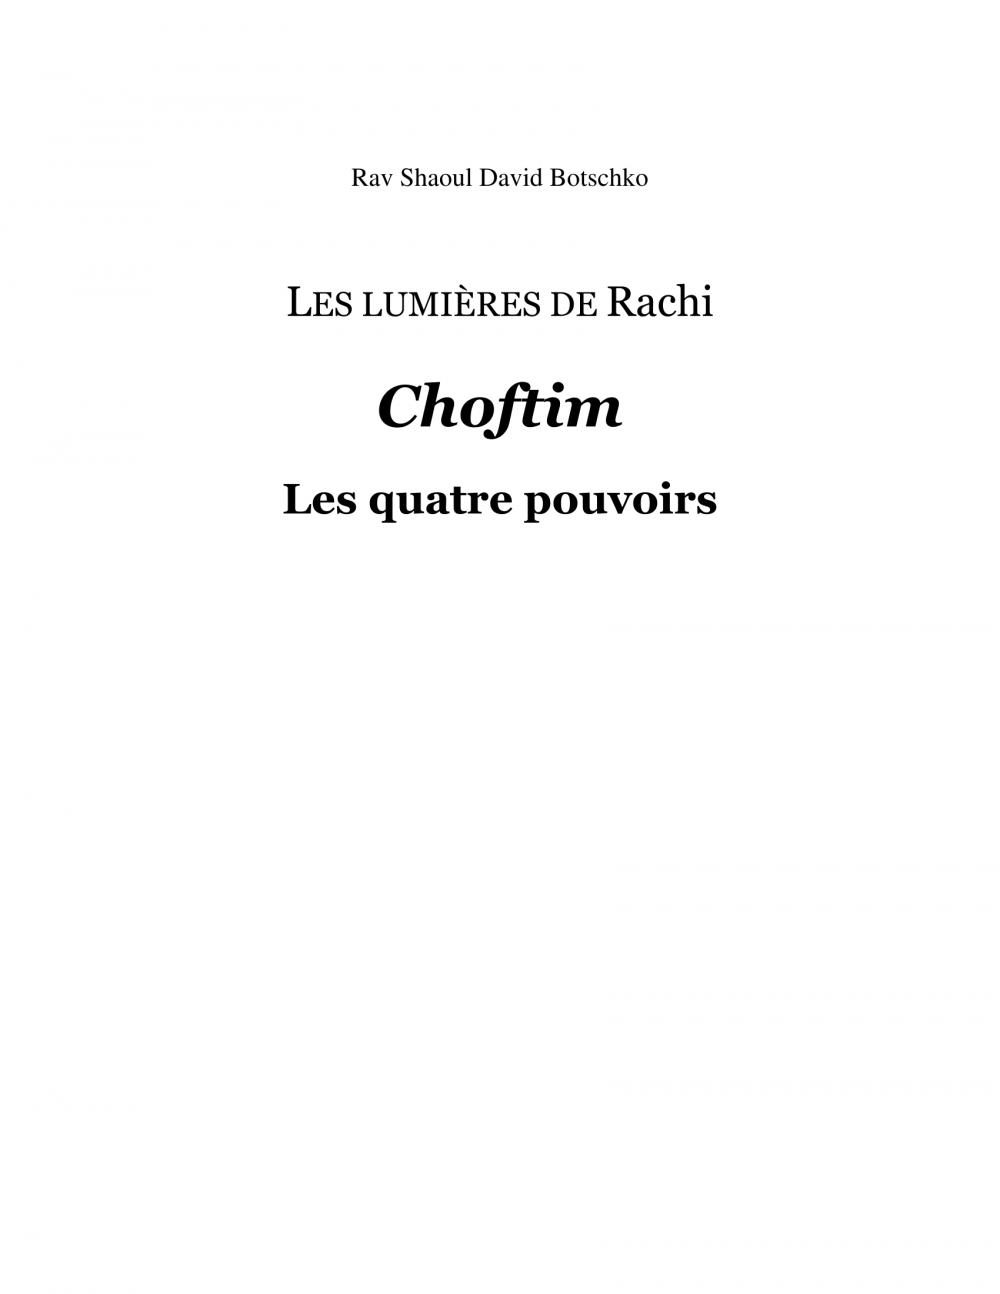 Couverture du livre Les lumières de Rachi - Choftim